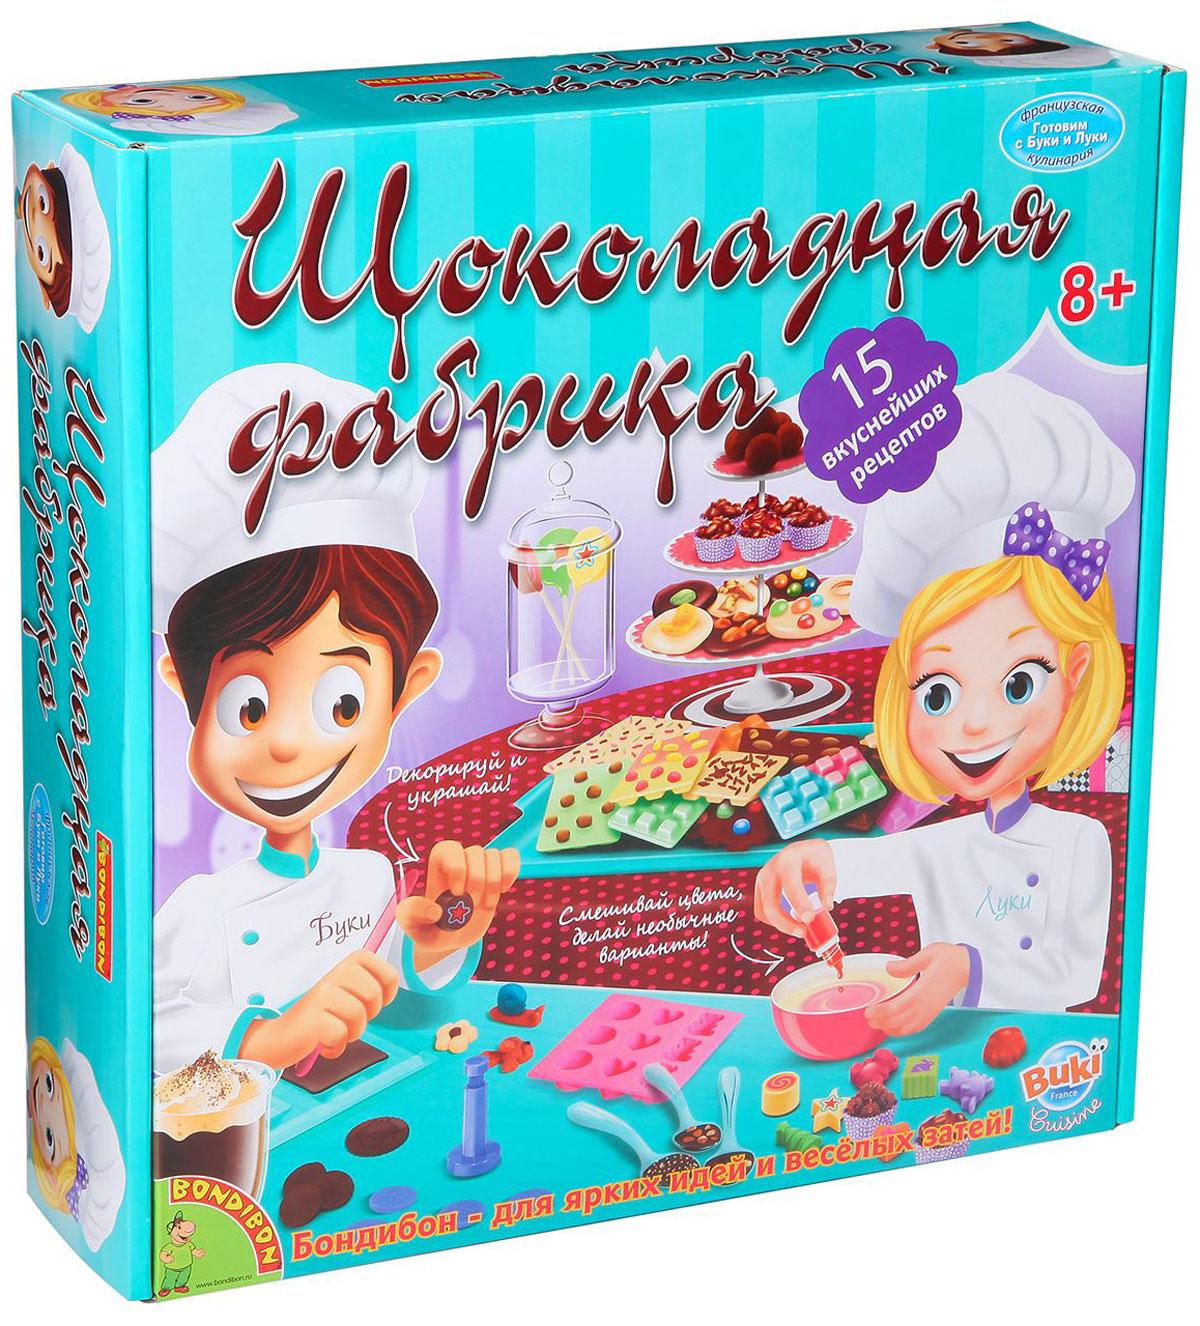 """Какой ребенок не любит шоколад и не мечтает о собственной шоколадной фабрике? Теперь это стало возможным: набор """"Шоколадная фабрика"""" с 15 замечательных кулинарных экспериментов создан специально для юных кондитеров и сладкоежек! Они смогут прямо на собственной домашней кухне самостоятельно приготовить свои любимые шоколадные конфеты, монеты, медальоны, горячие питательные напитки и даже большие шоколадные плитки! Такое великолепное угощение не сравнить с магазинным, оно приятно удивит и родителей юного кондитера, и его гостей. А если пригласить друзей, чтобы вместе приготовить сладкие лакомства, то приятная работа превратится в увлекательную и веселую игру. Домашняя """"Шоколадная фабрика"""" позволит ребенку в любое время побаловать себя любимым шоколадом и угостить родителей, друзей и всех тех, кто придет к нему в гости!"""